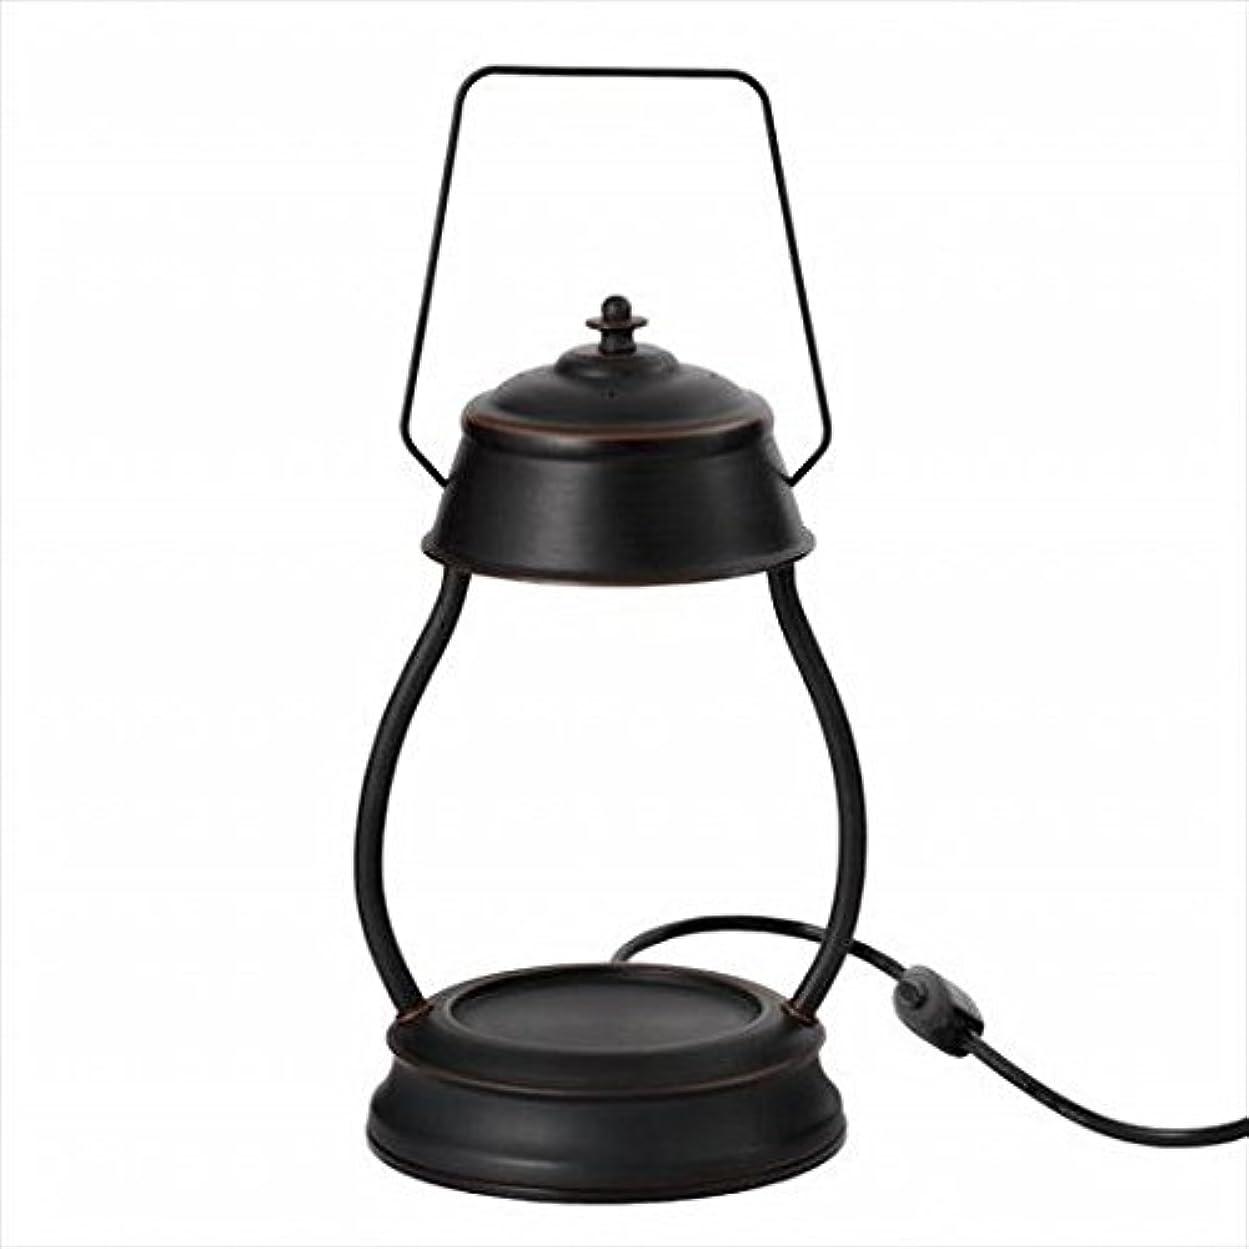 珍味電話天井kameyama candle(カメヤマキャンドル) ハリケーンキャンドルウォーマーランプ 「 ブラウン 」 キャンドル 164x155x345mm (J3570000BR)